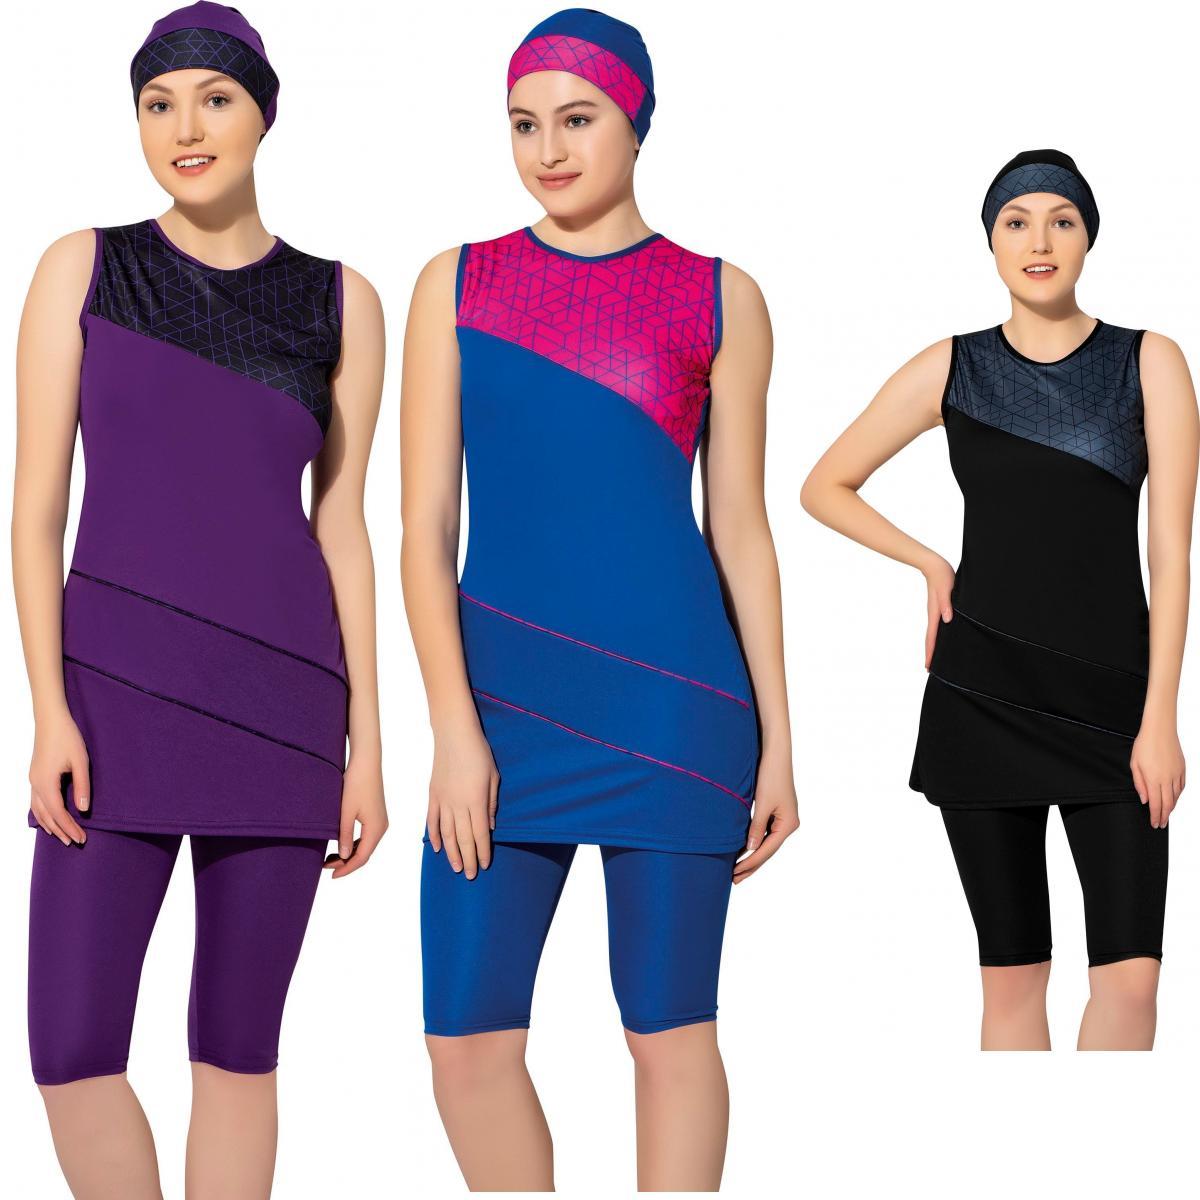 Argisa 7806 licou sans manches à motifs Semi maillot de bain voile 38-52 grande taille musulman Hijab islamique maillot de bain Burkini turquie couverture de bain